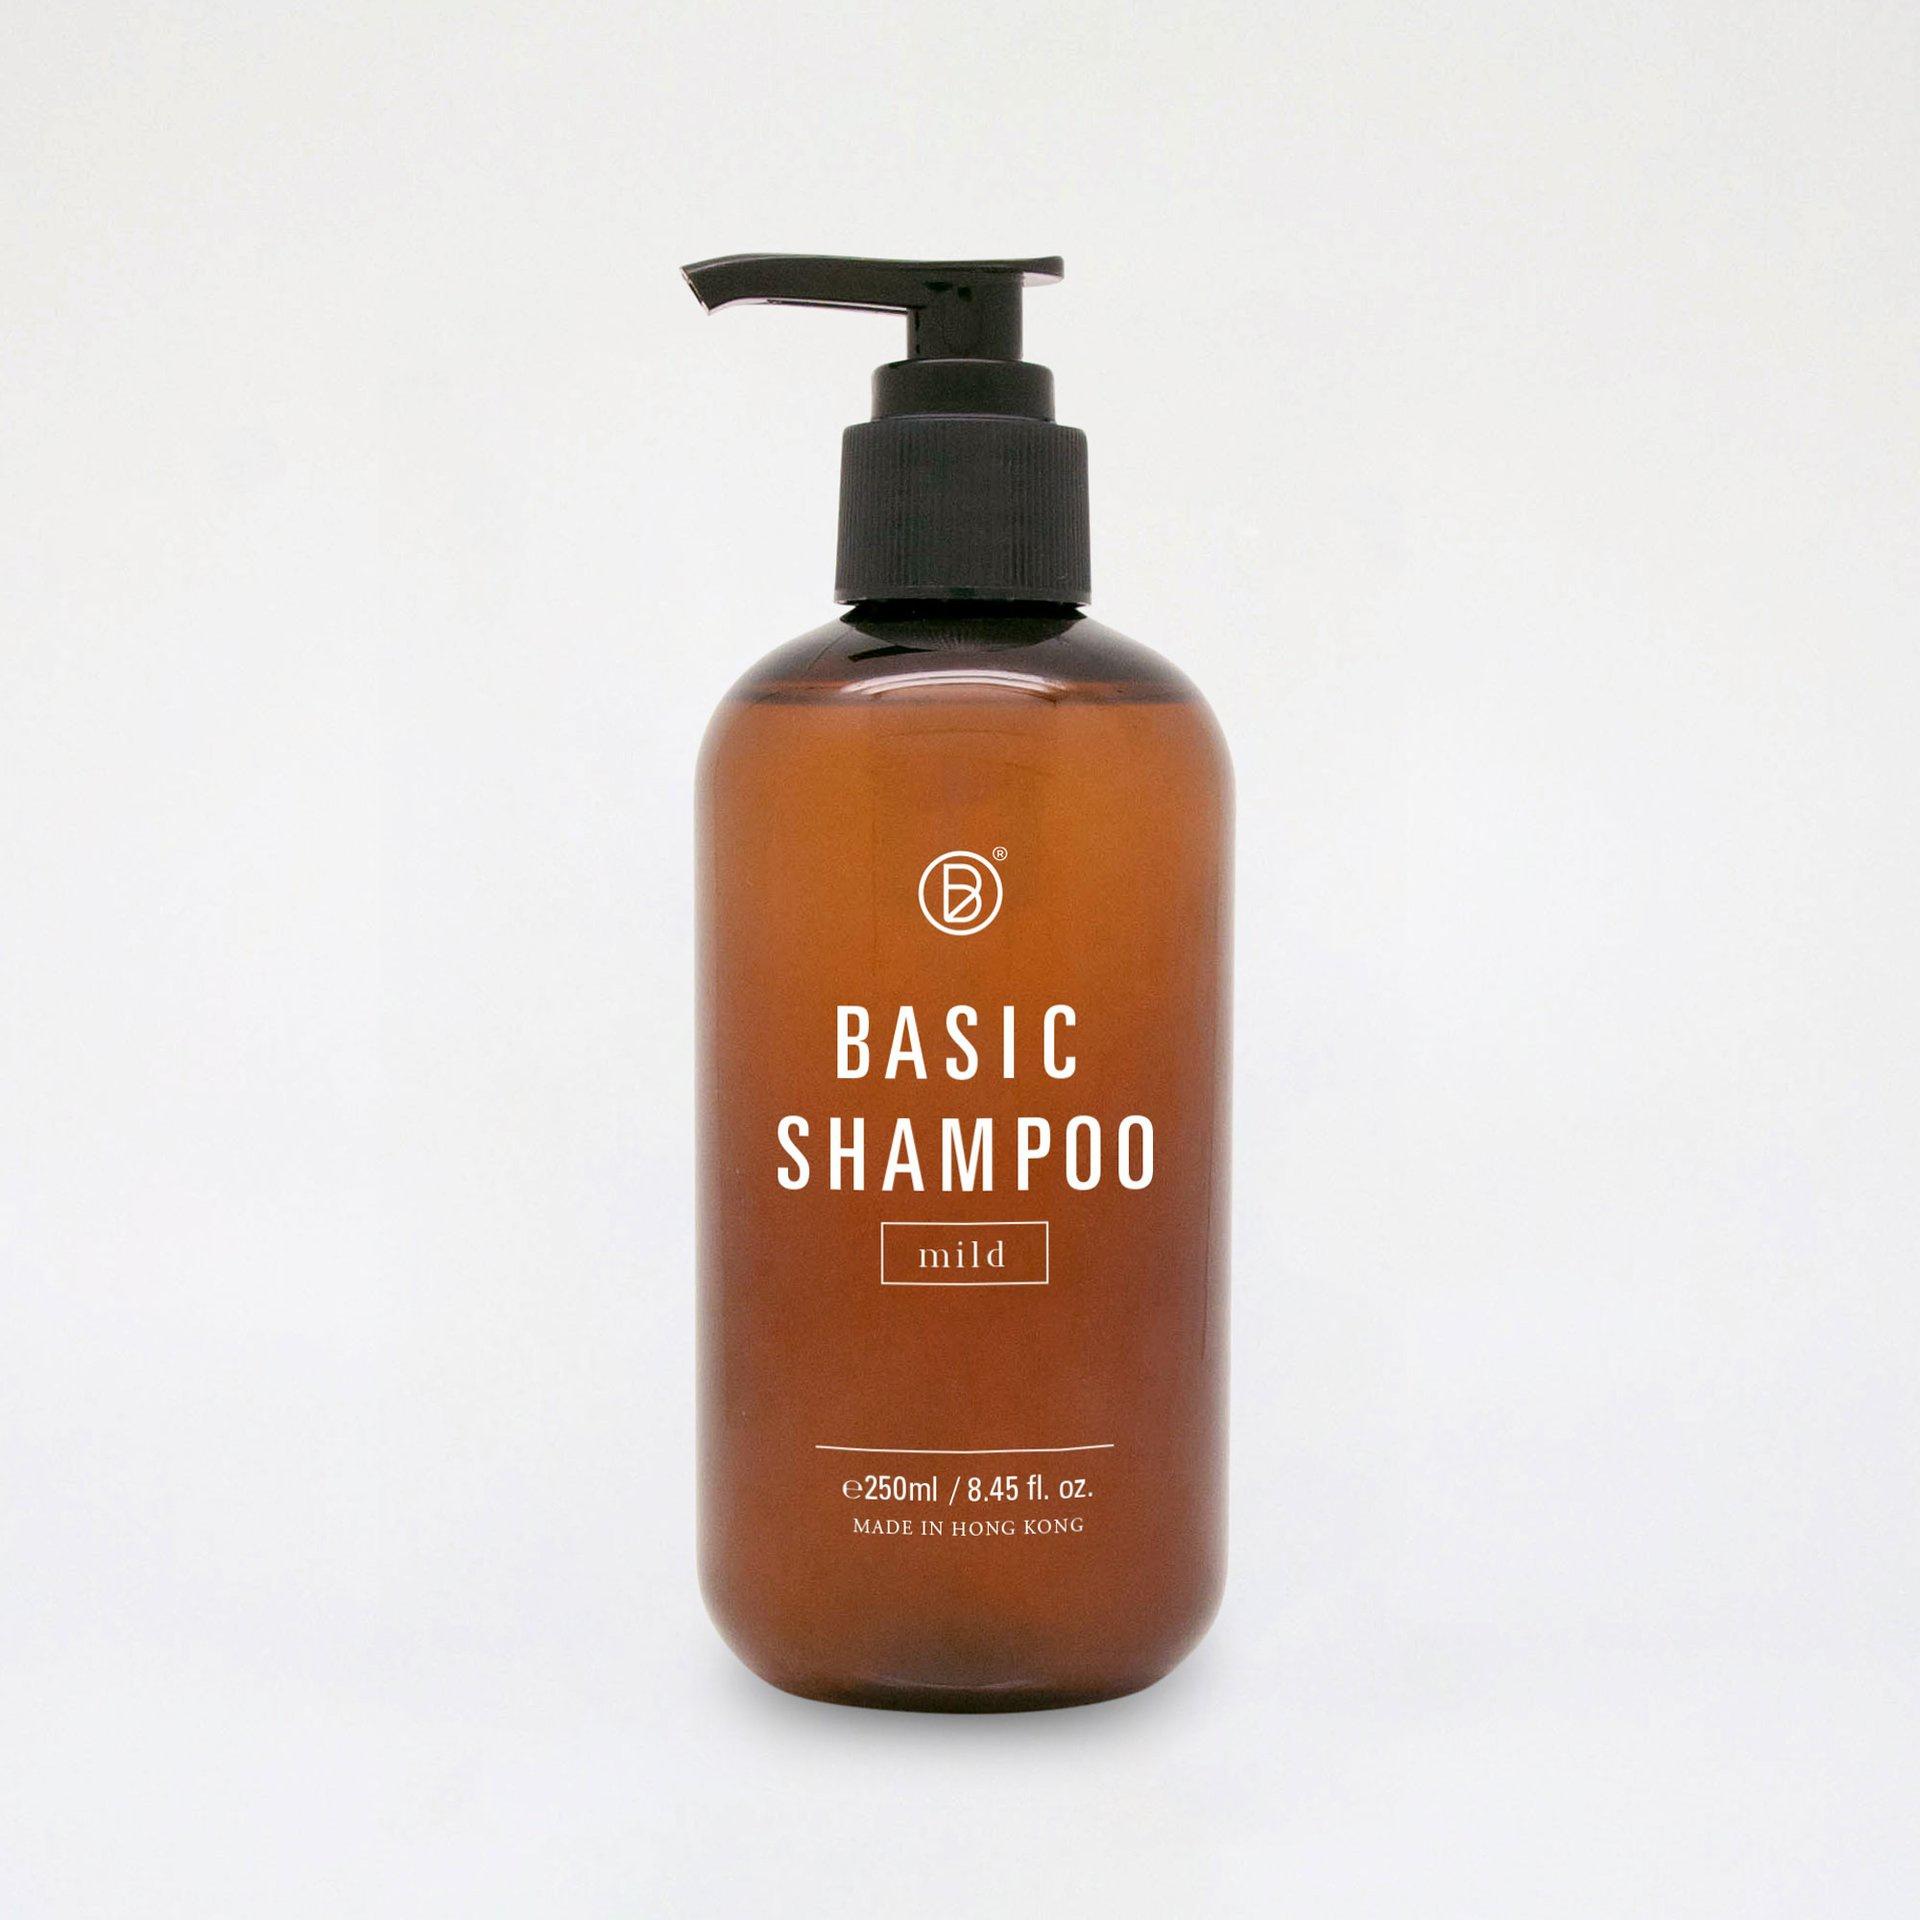 Bathe to Basics Basic Shampoo Mild